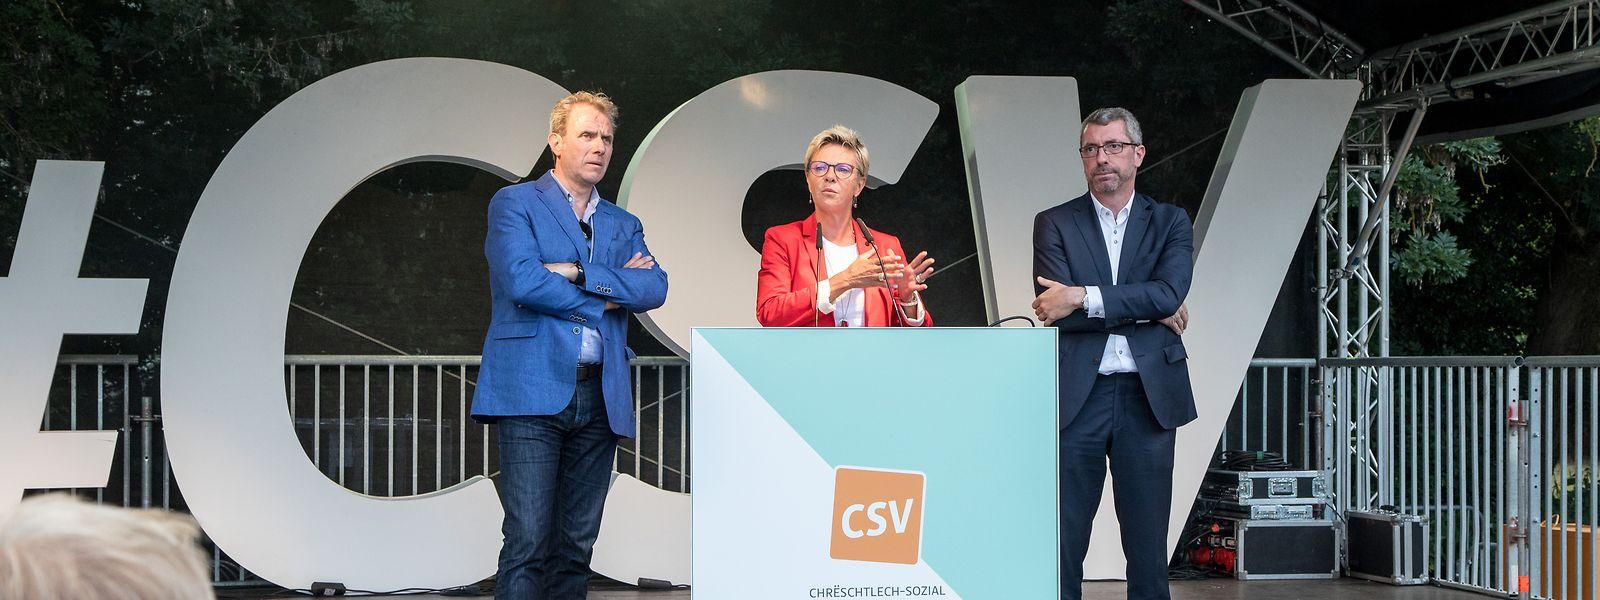 Die aktuelle Führungsriege der CSV  - Generalsekretär Félix Eischen (l.), Fraktionschefin Martine Hansen und Parteipräsident Frank Engel (r.)  - vermag die Partei nicht aus der Talsohle zu führen.